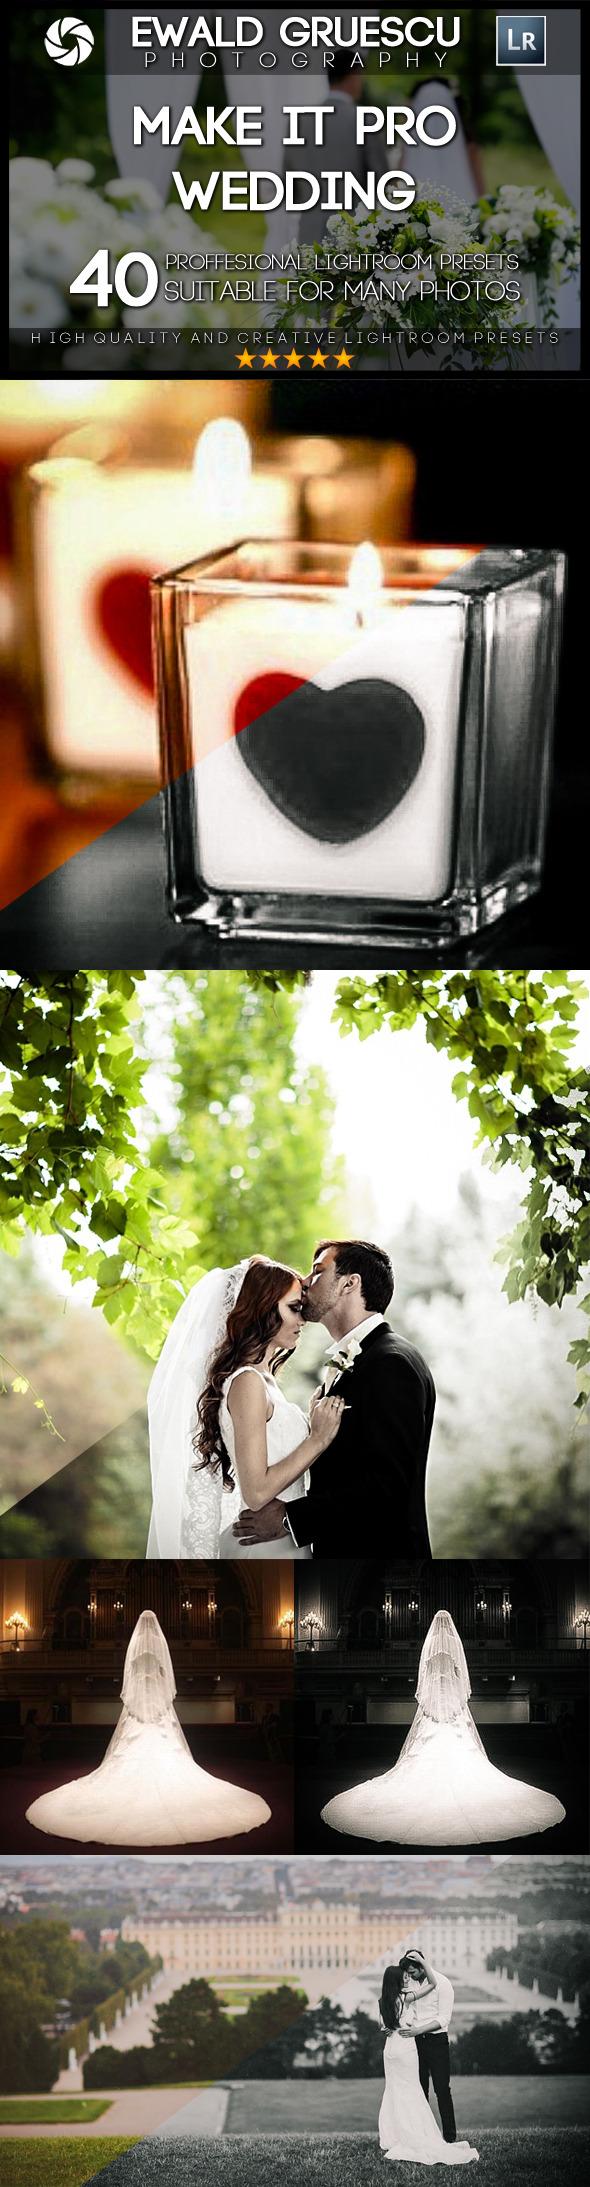 Make it PRO Wedding Part I Lightroom Presets - Wedding Lightroom Presets